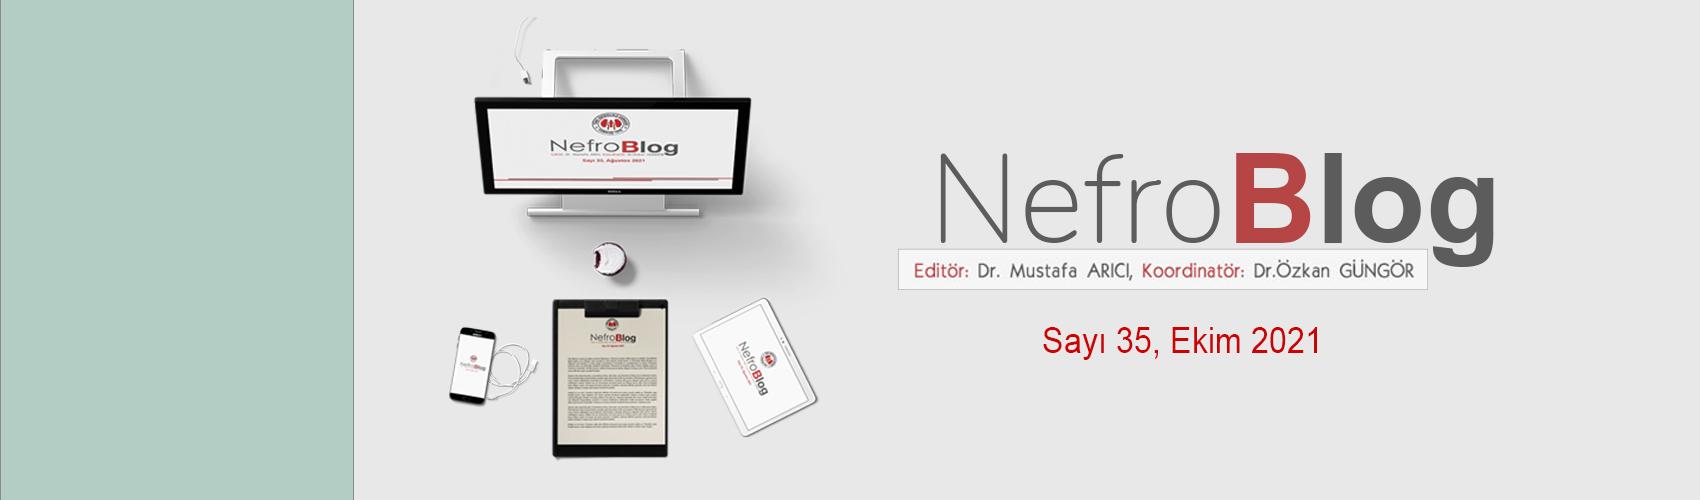 Türk Nefroloji Derneği Slide: Nefroblog 35. Sayısı ile Sizlerle